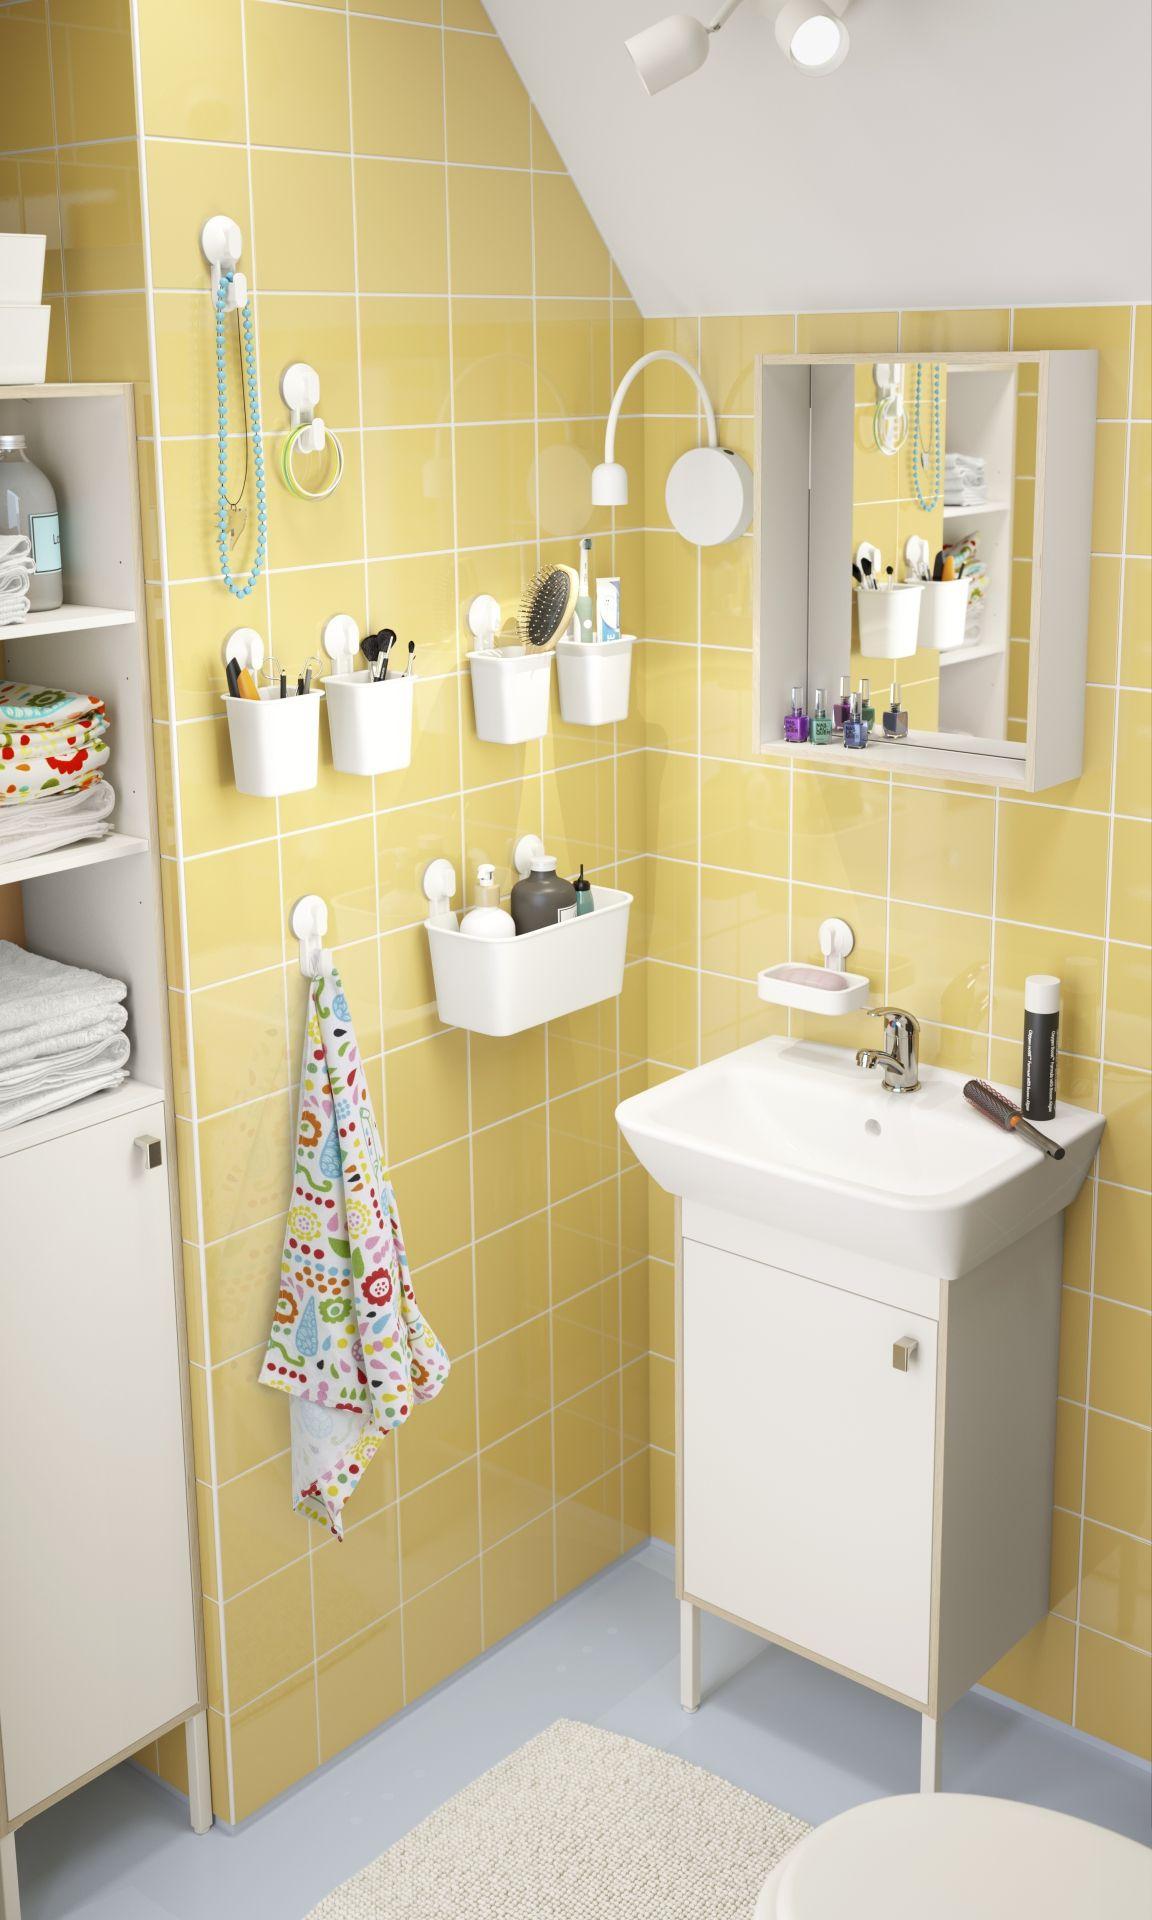 salle de bains fonctionnelle aux multiples rangements avec un mur en carrelage jaune frais et. Black Bedroom Furniture Sets. Home Design Ideas